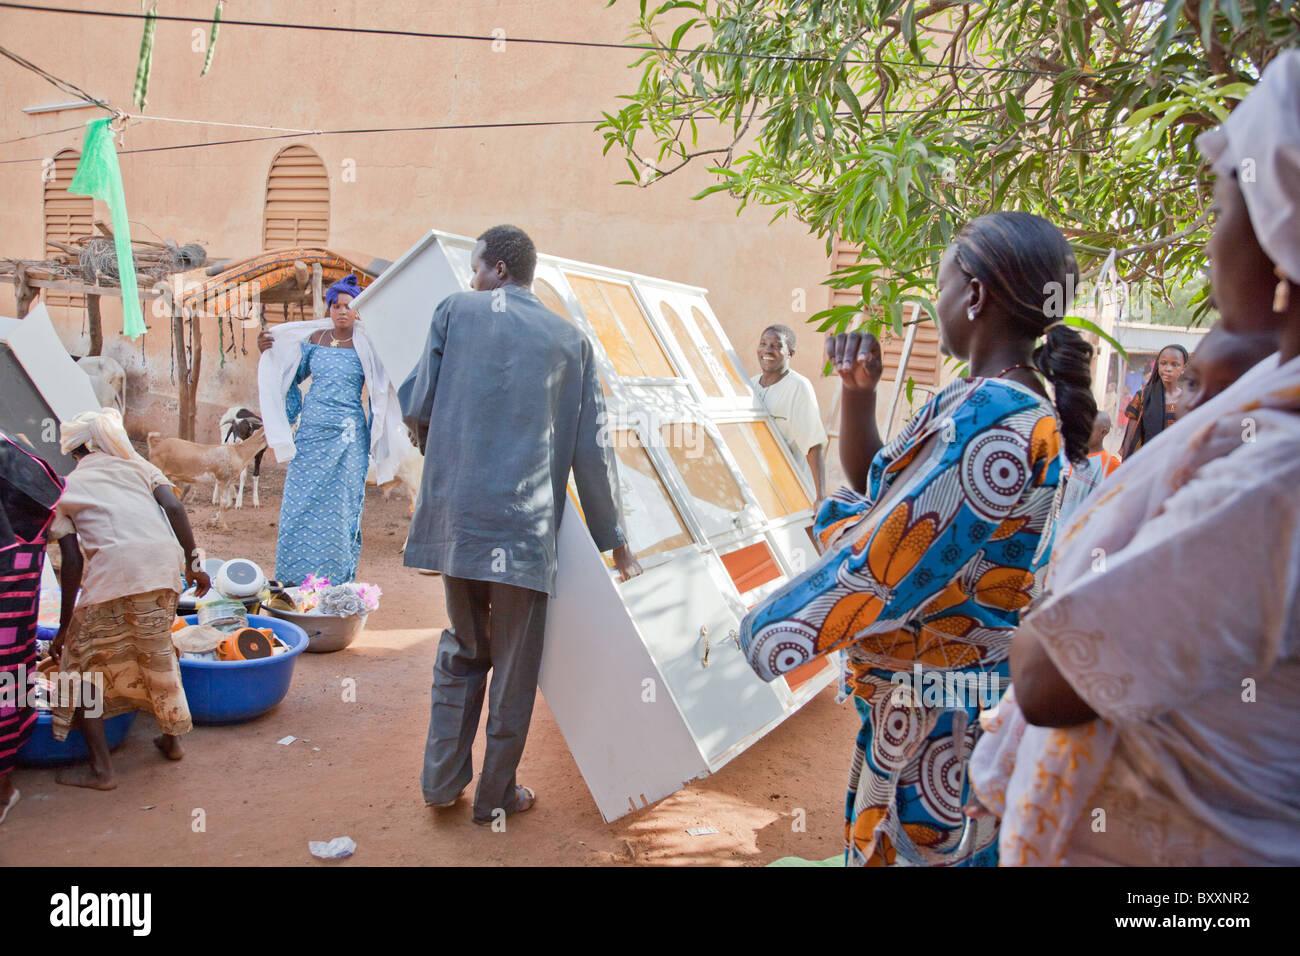 En Burkina Faso, una boda Fulani ha tenido lugar. En el día de la 'bantule' amigos/familia mover muebles Imagen De Stock